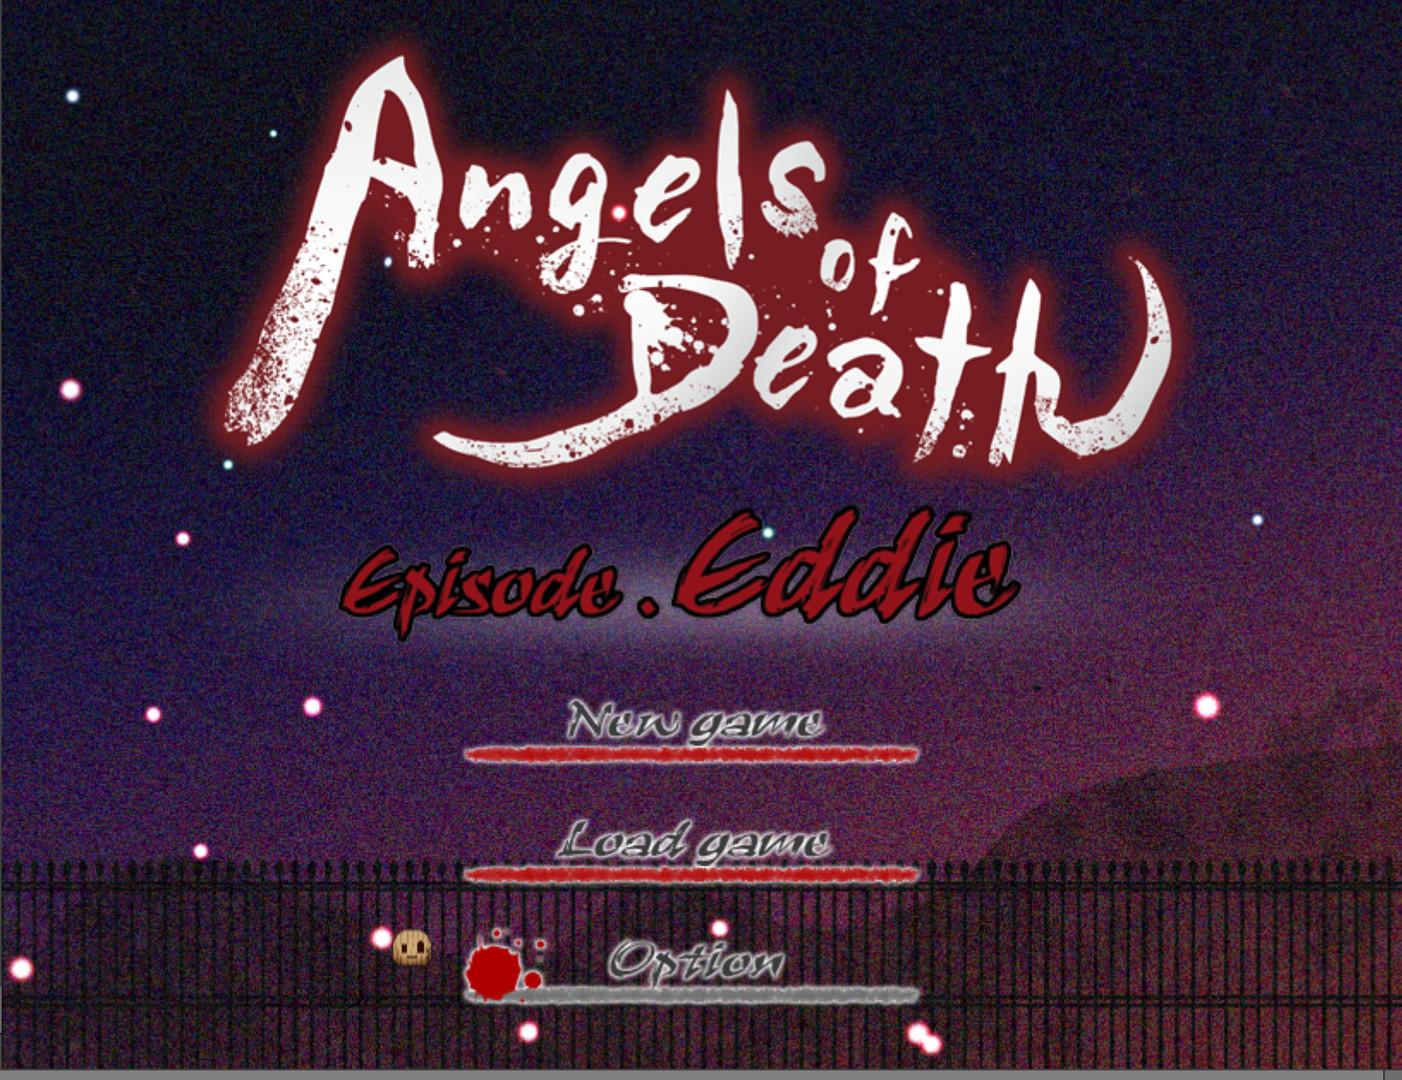 Angels of Death Episode.Eddie Free Download